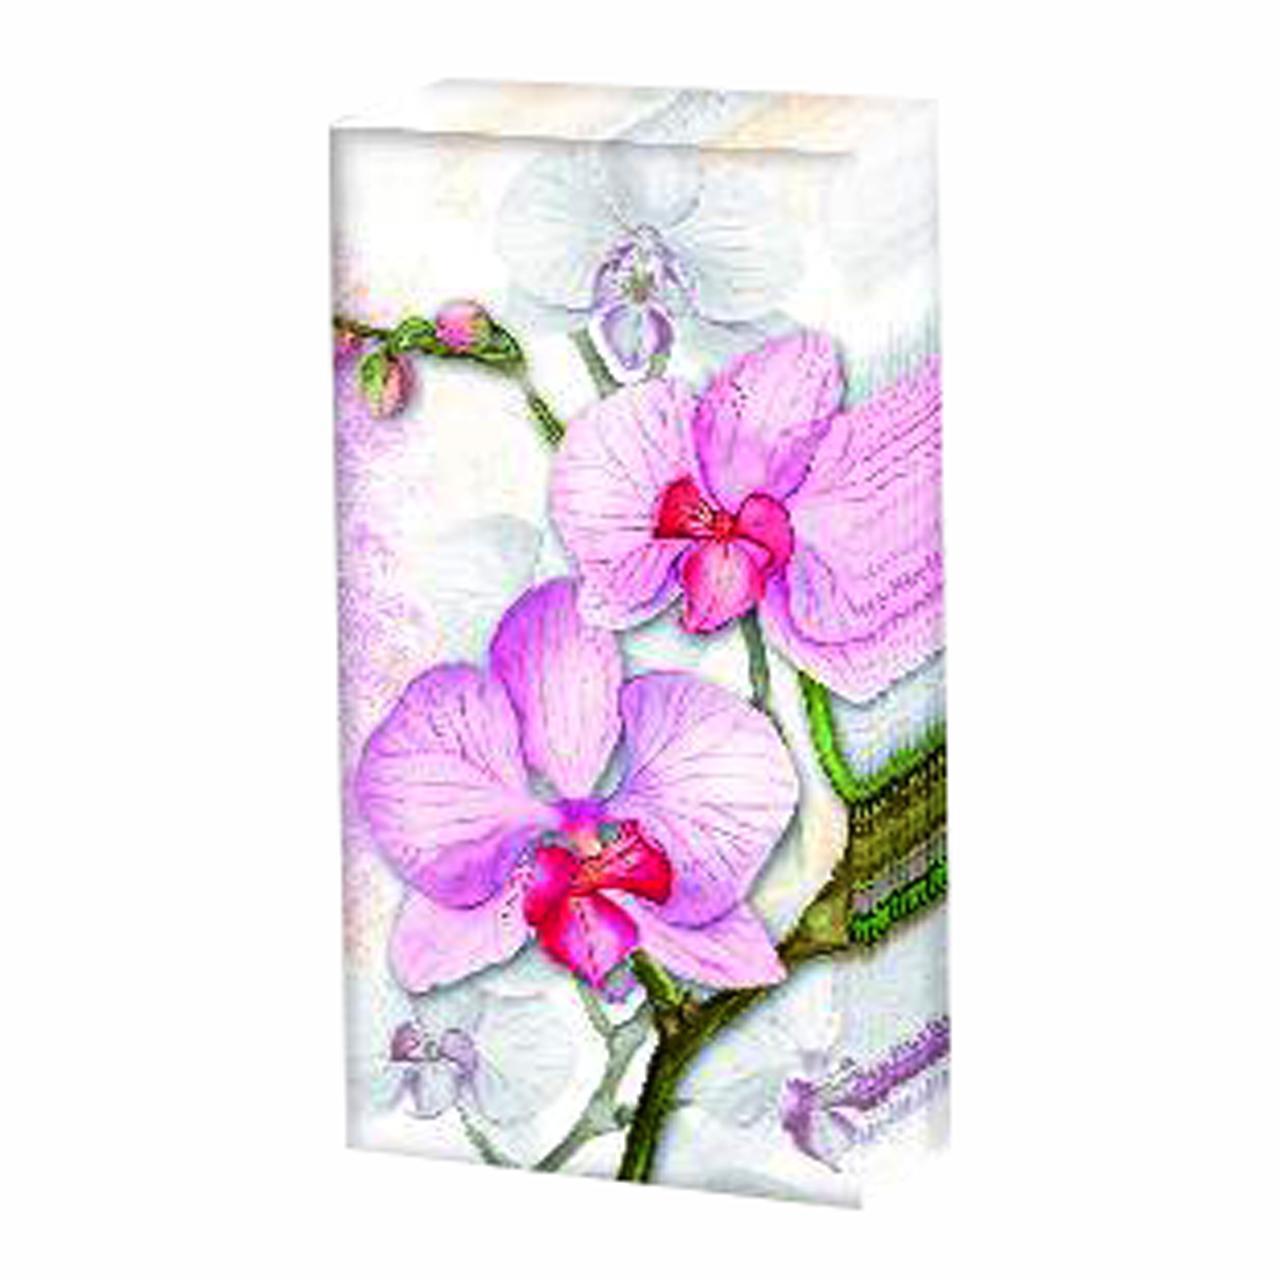 Servetele Decorative Batistute Din Hartie Cu Orhidee Roz